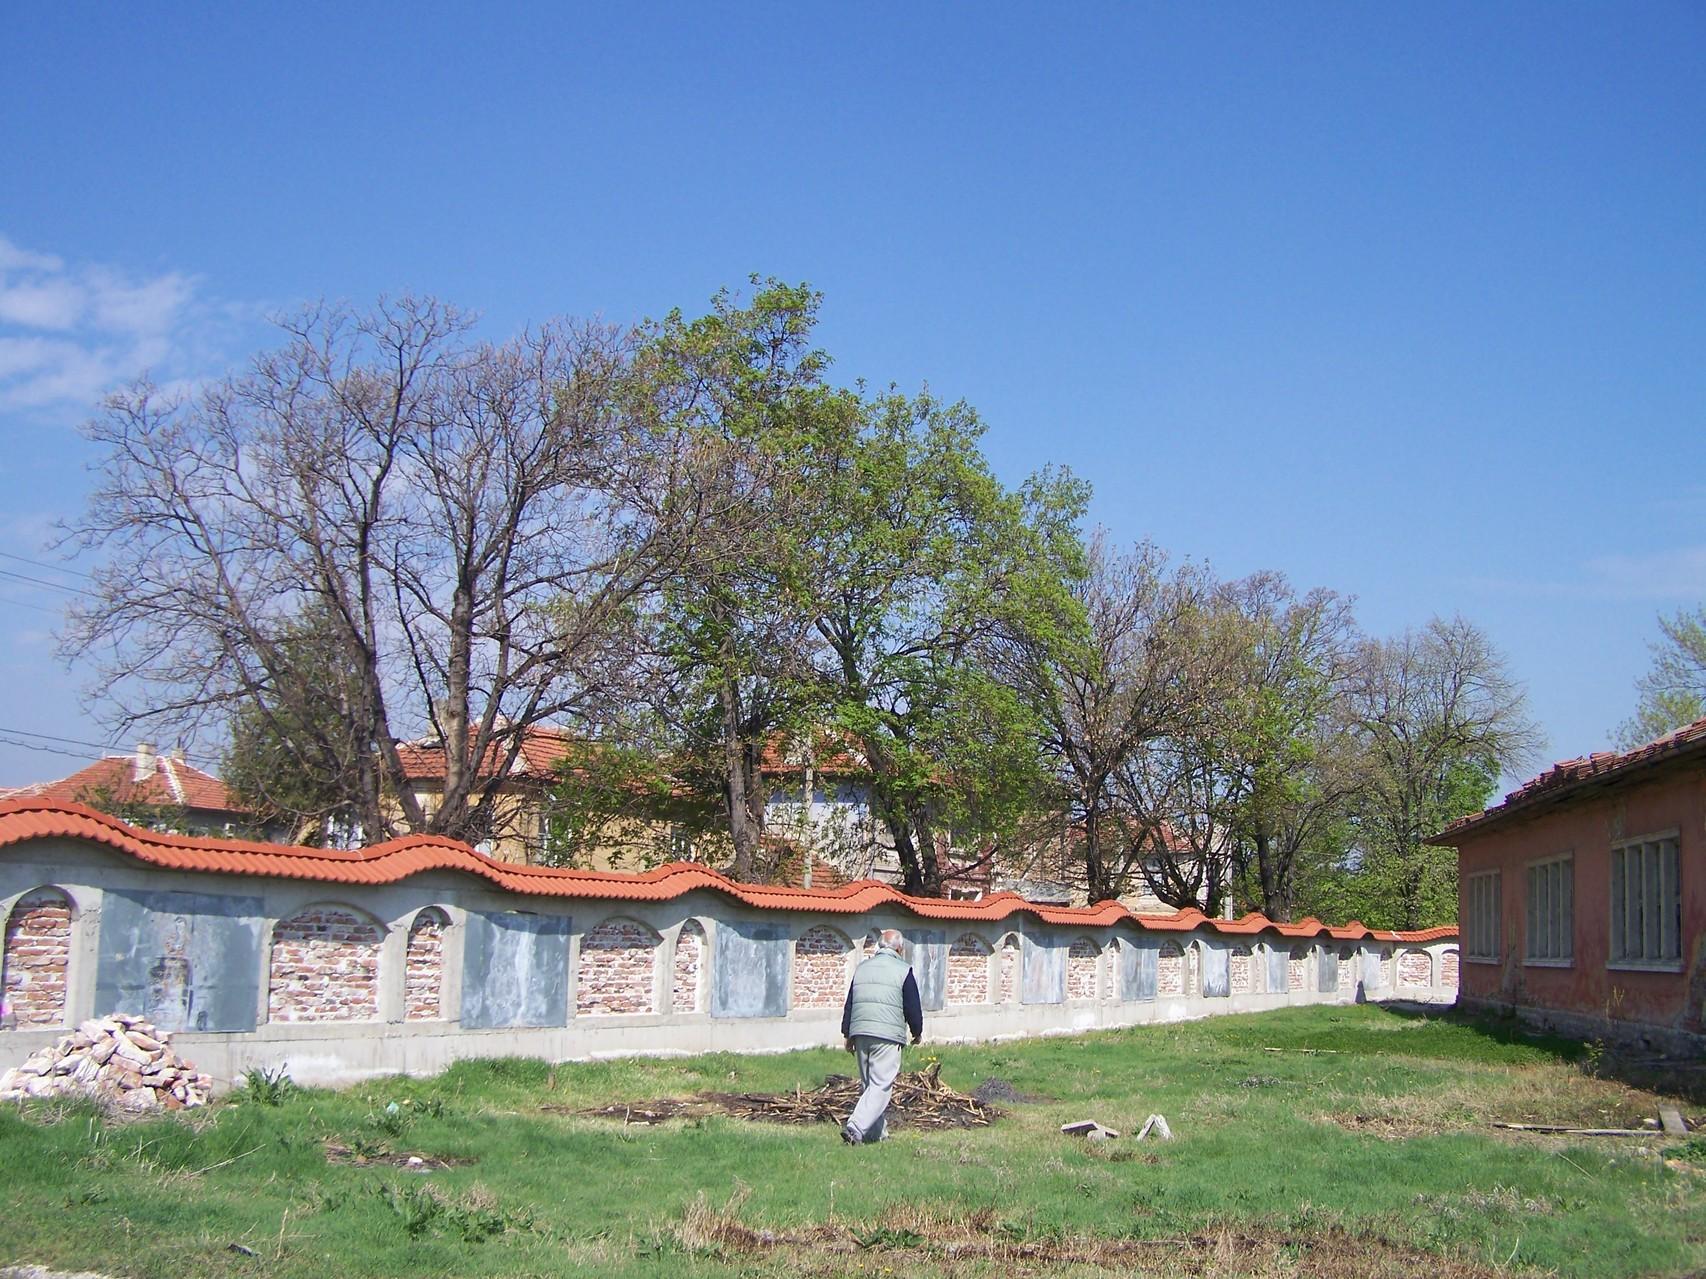 Die gebaute Mauer